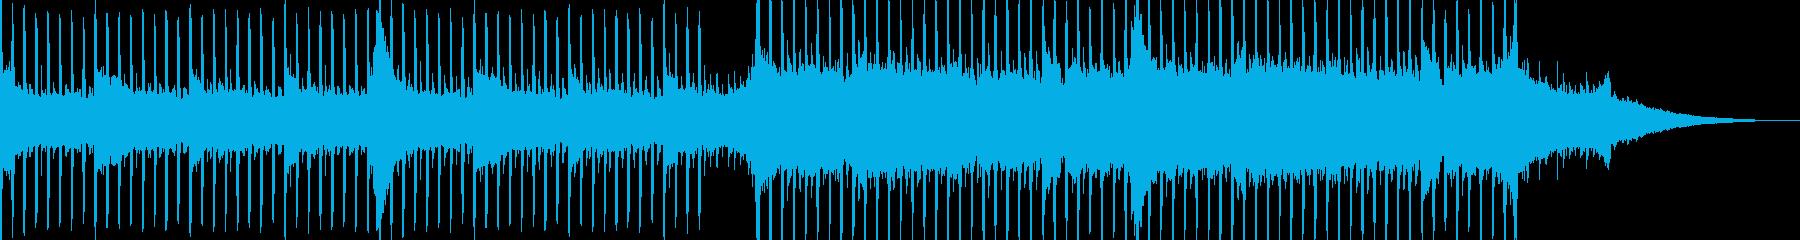 企業VP系37、爽やかギター4つ打ちbの再生済みの波形